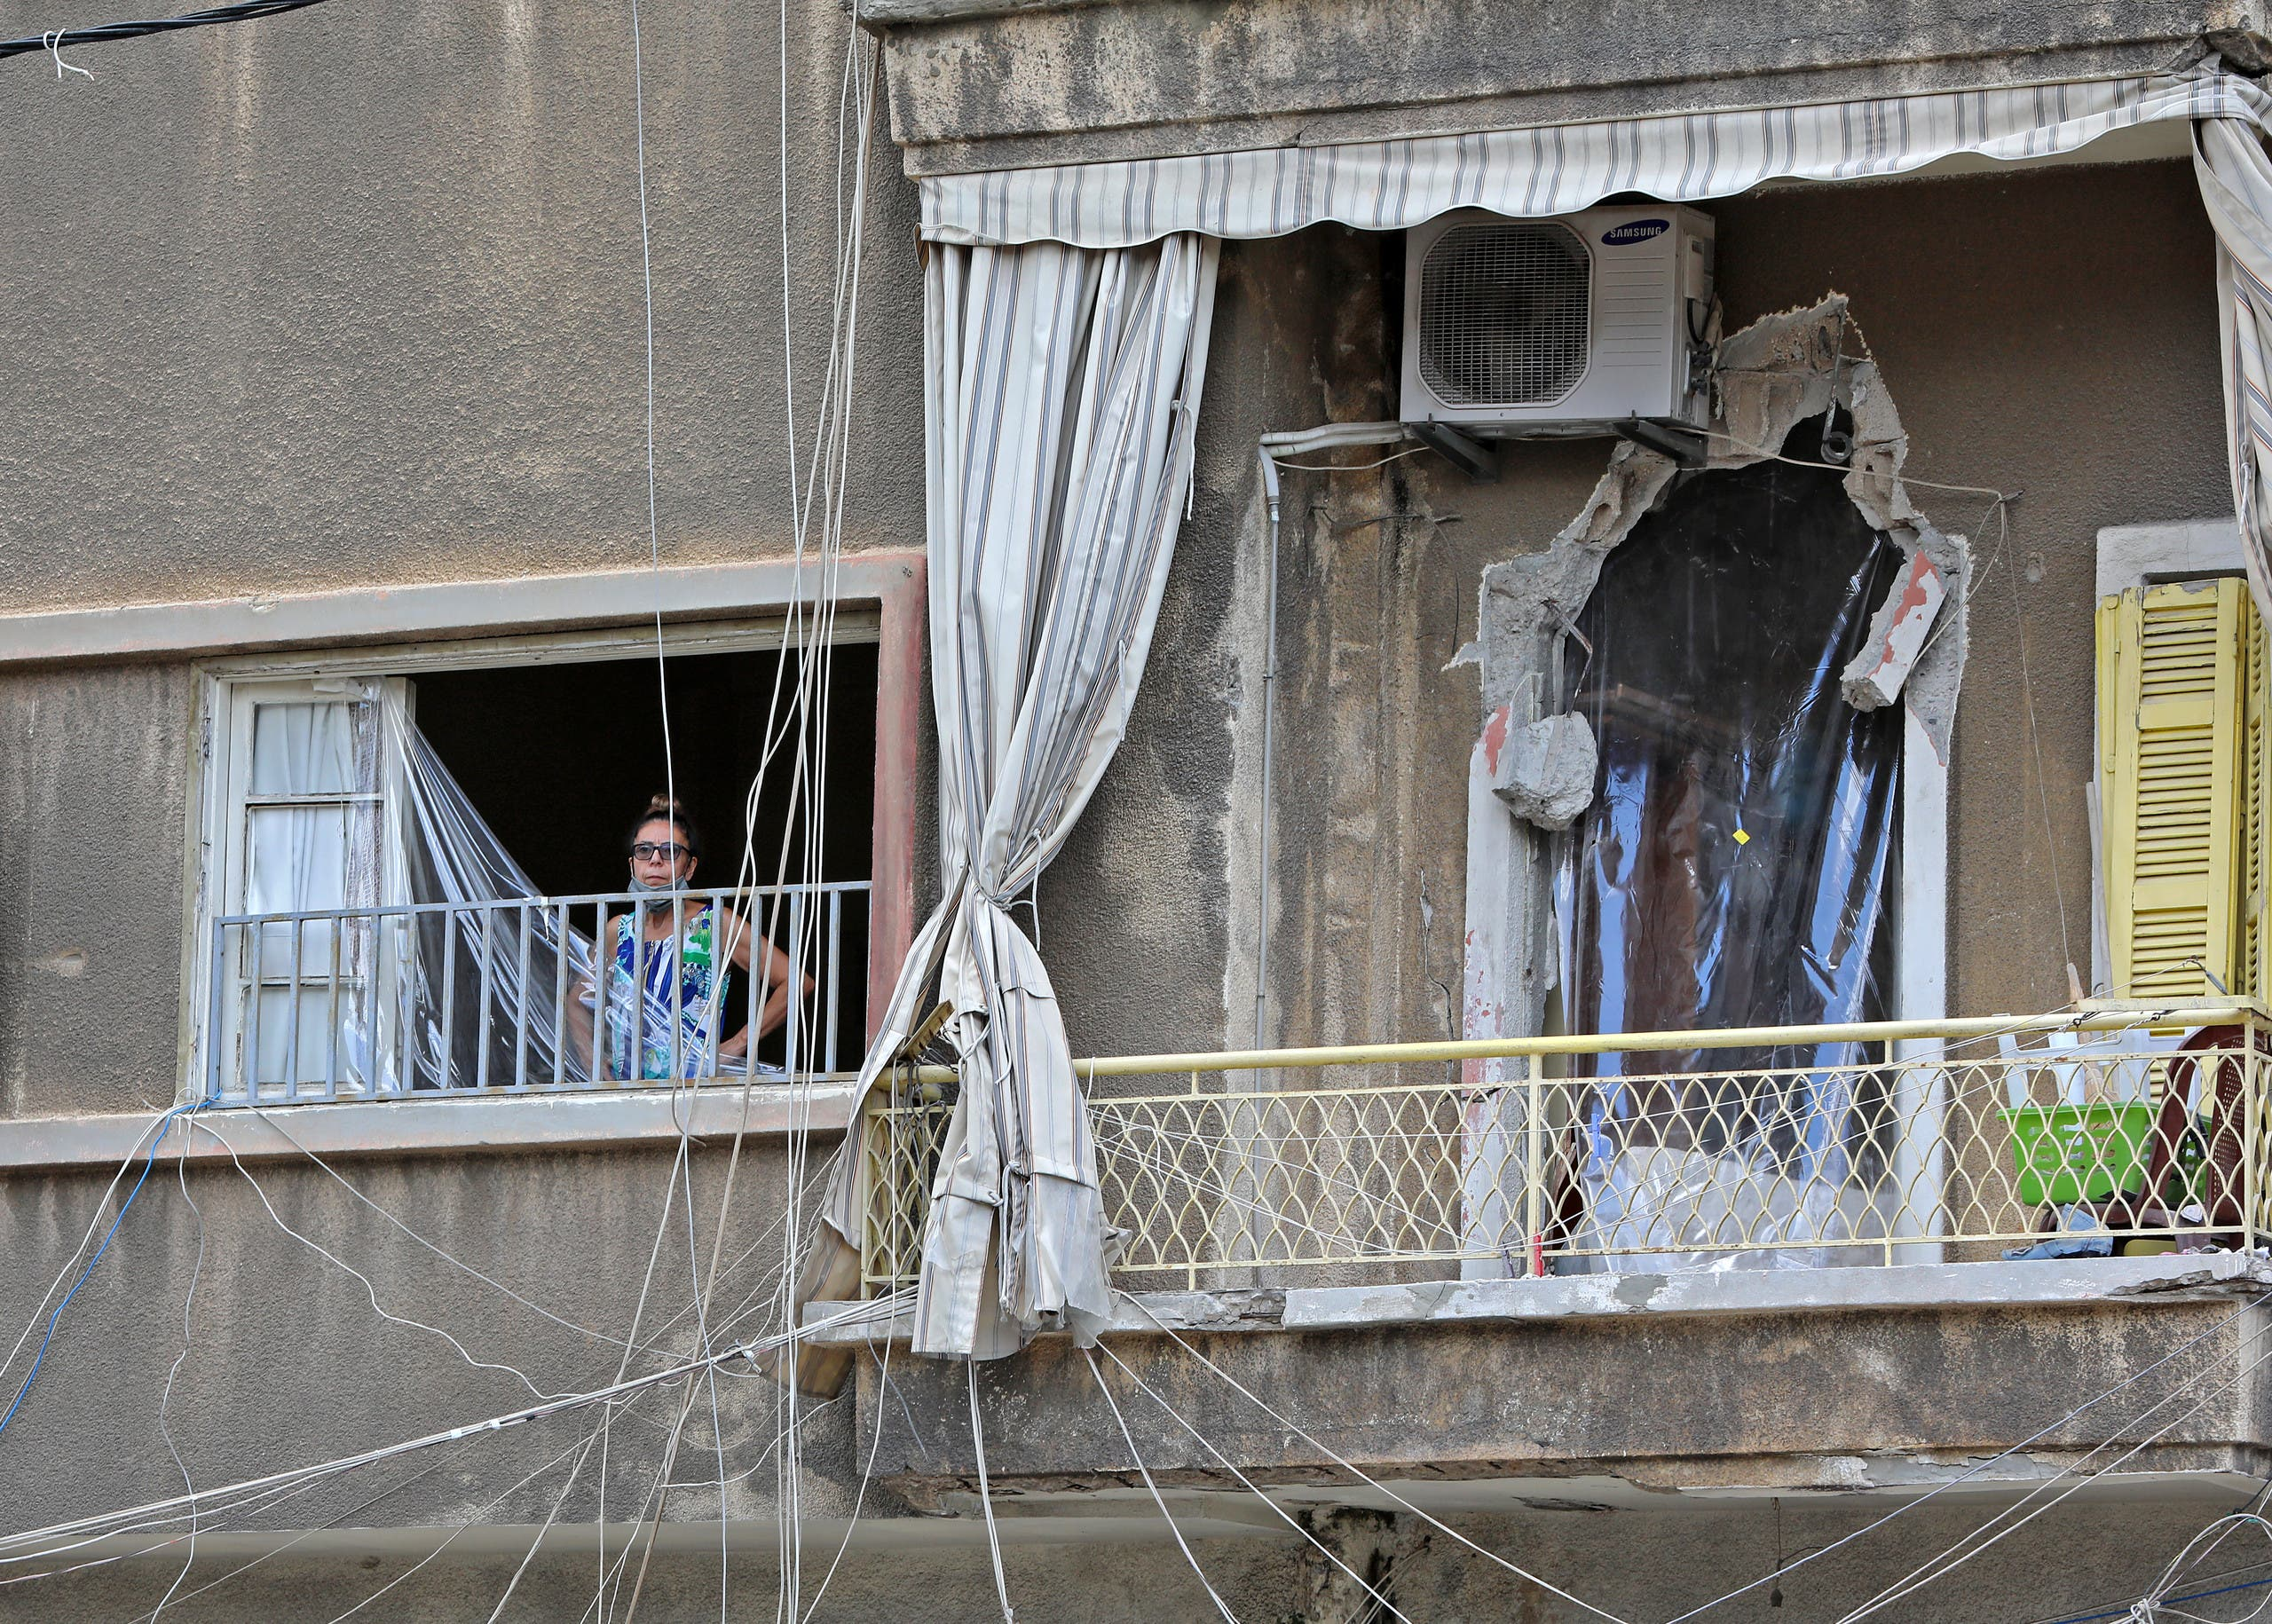 منزل متضرر من الانفجار